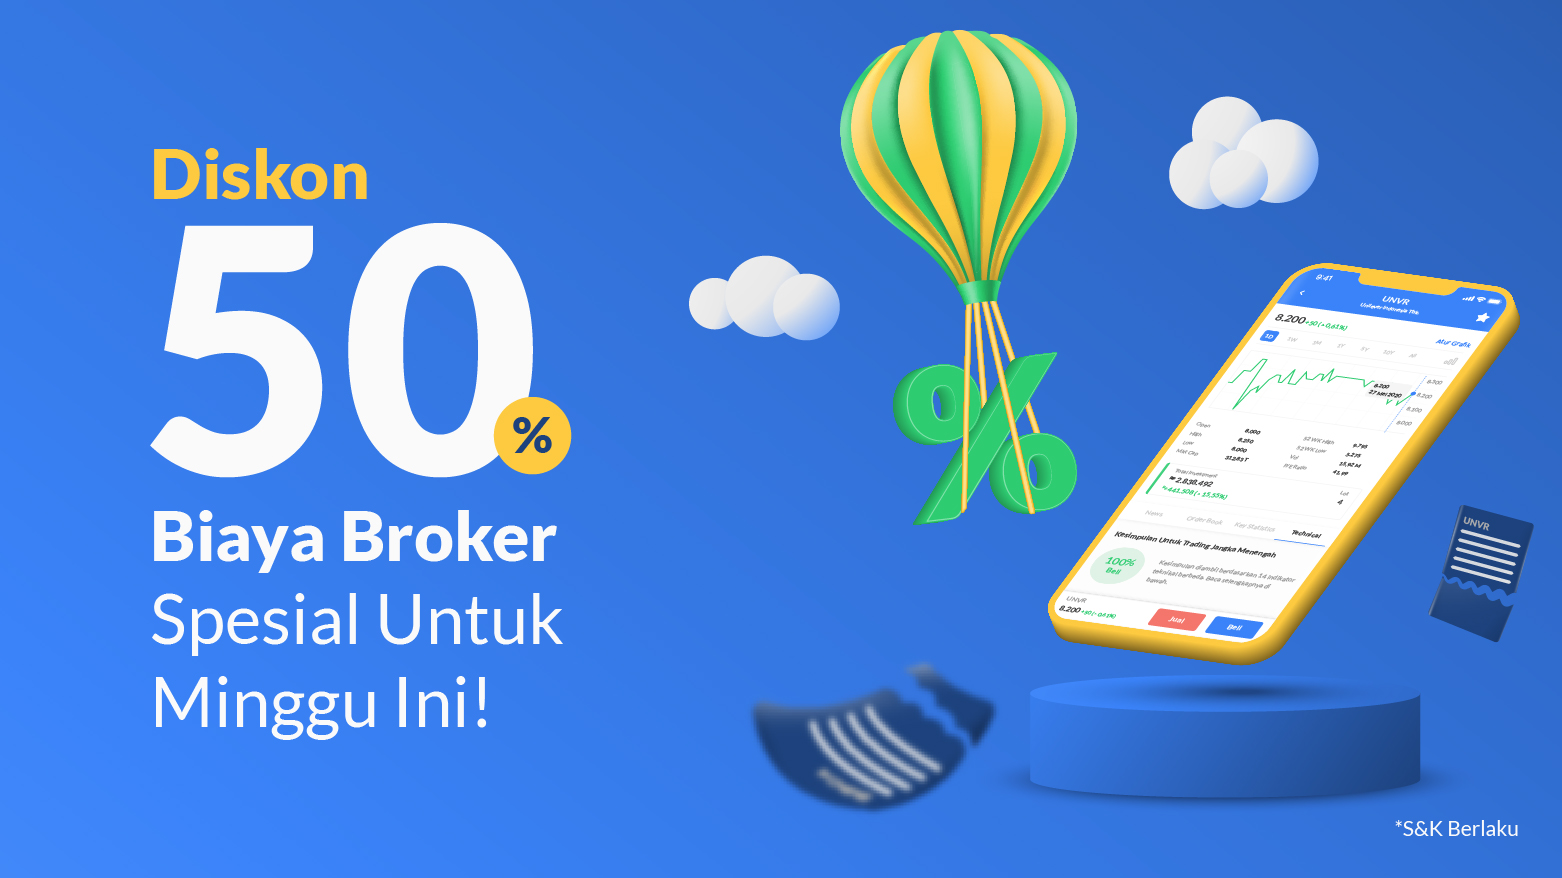 Spesial Diskon 50% biaya broker